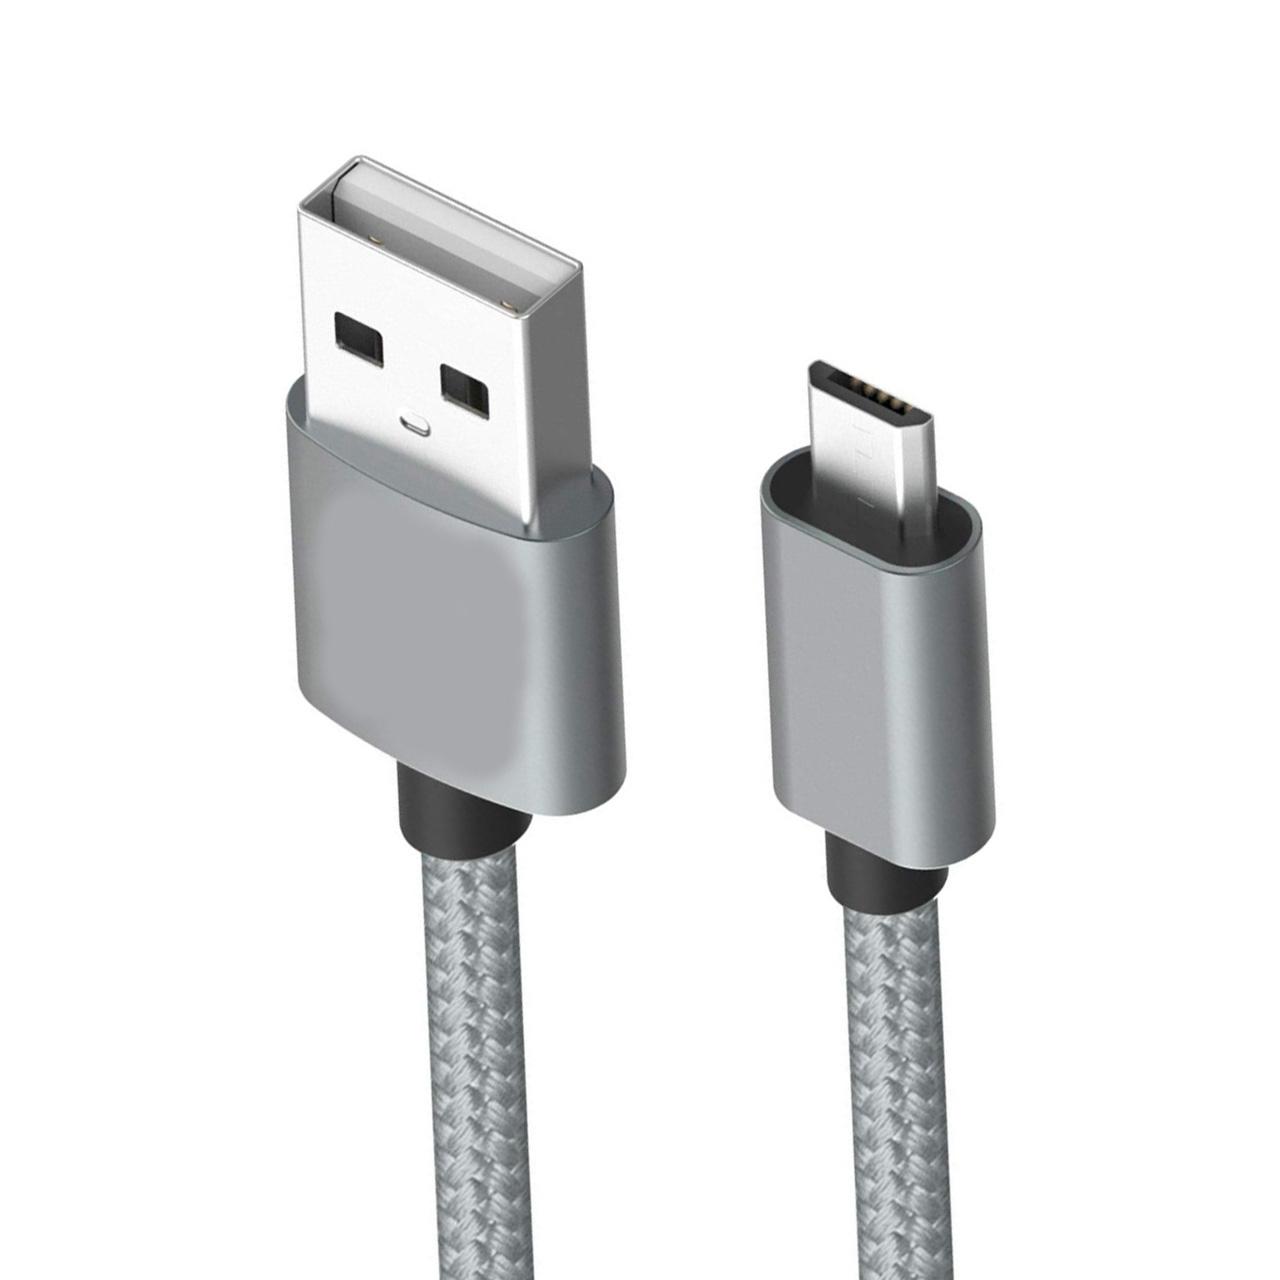 کابل تبدیل USB به USB-C یوجی سو مدل mc-cao27 طول 1 متر